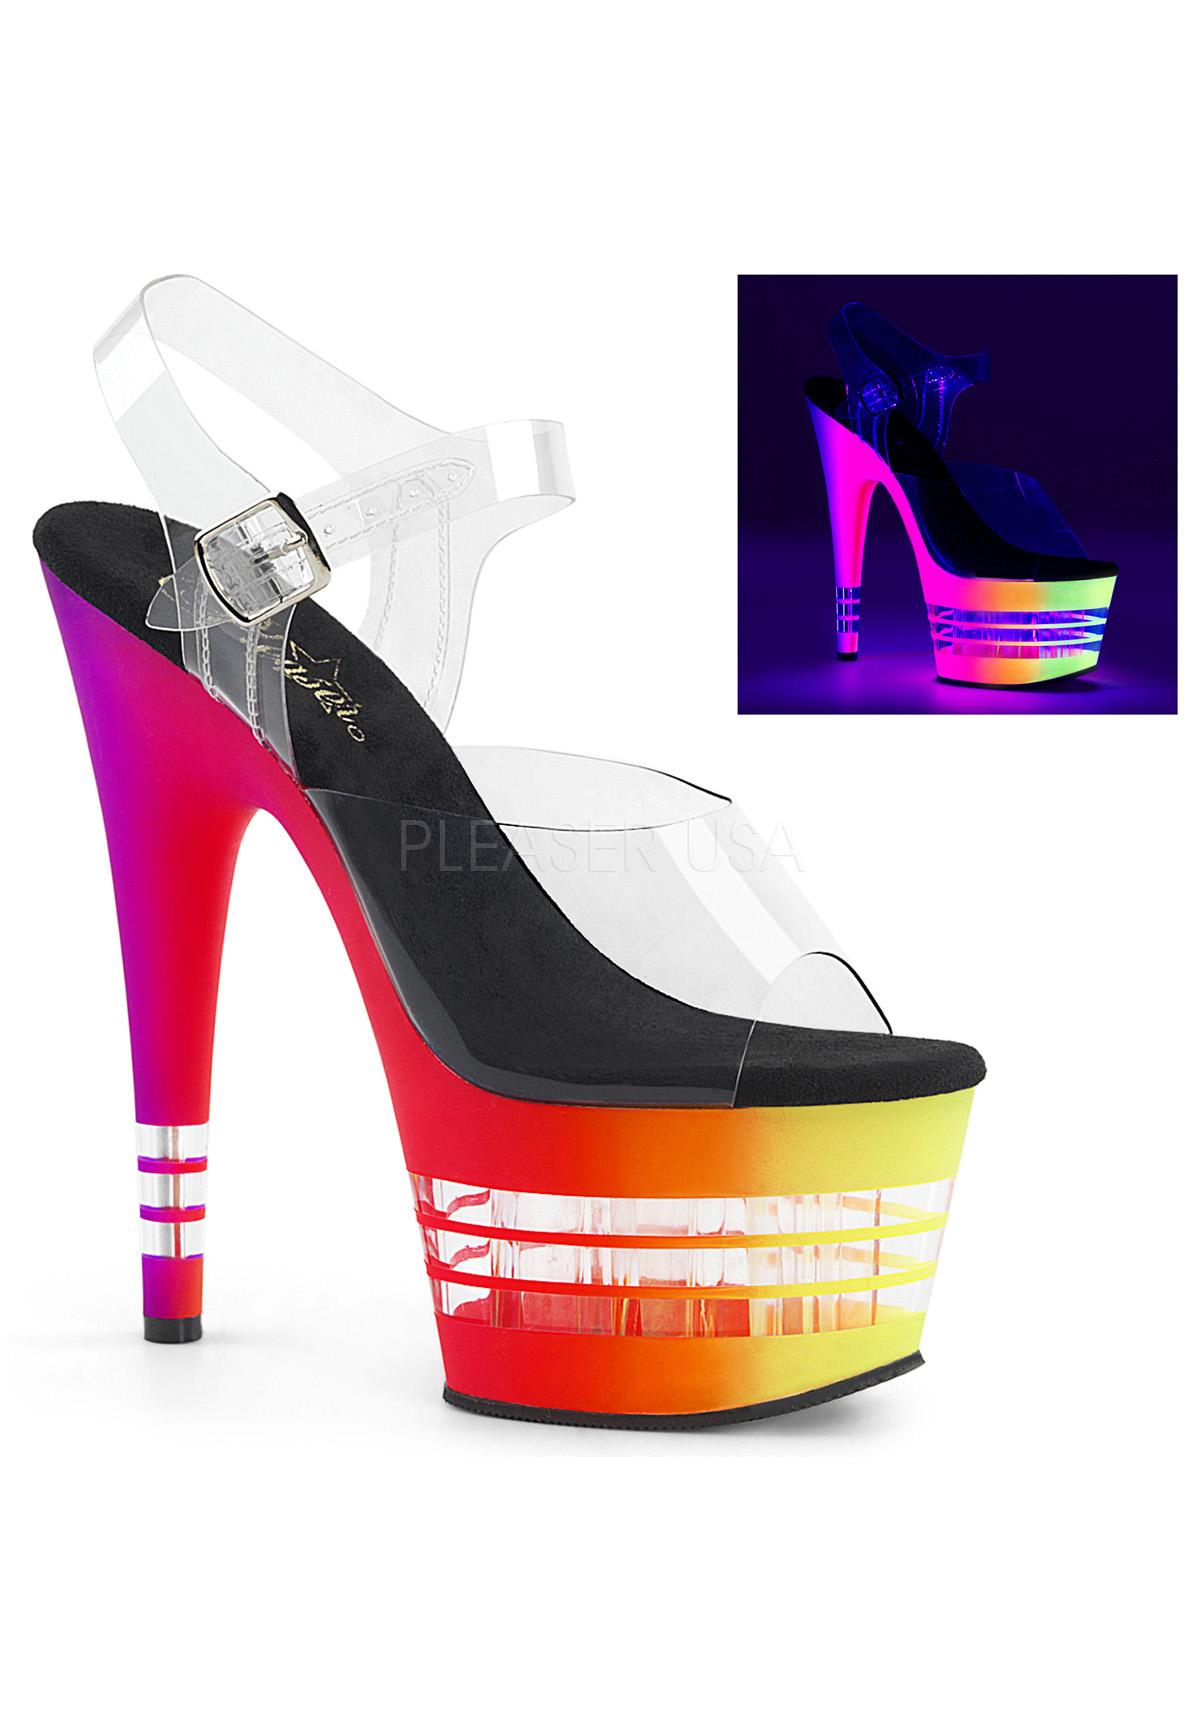 Pleaser 7 Inch UV Heel, 2 3/4 Inch UV Inch Reactive Lined Platform Ankle Strap Sandale 72bede